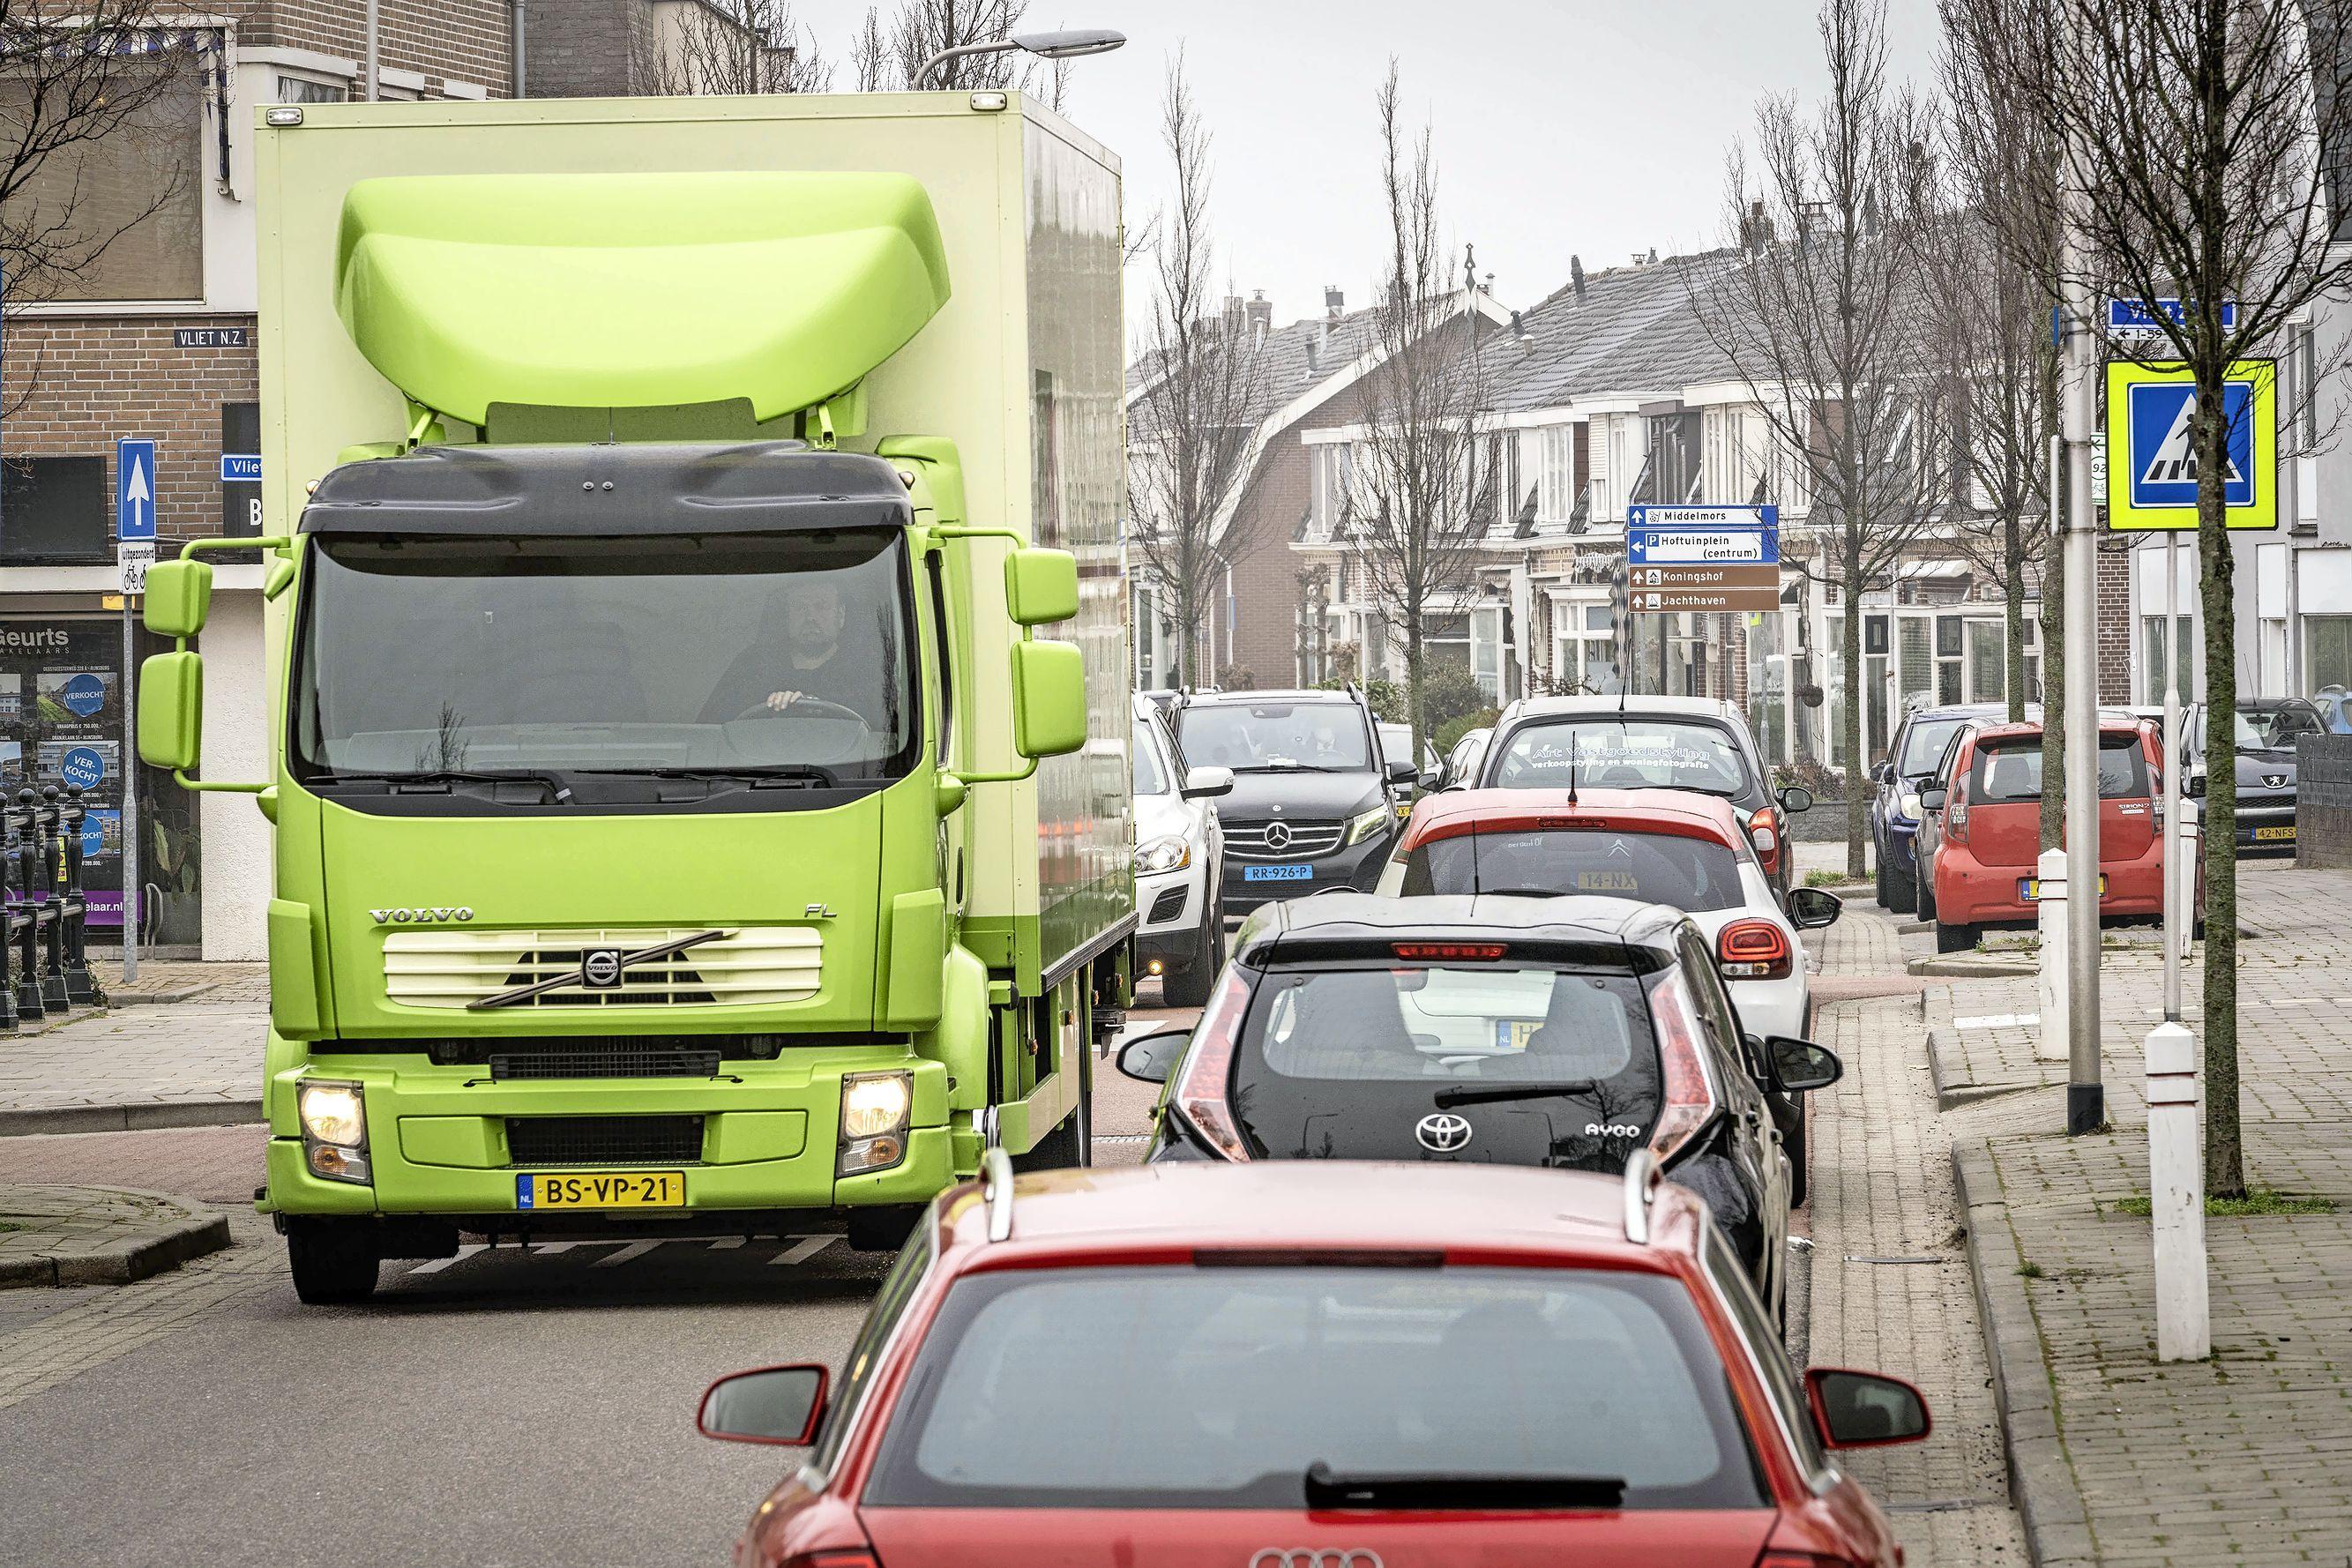 Mogelijke terugkeer stoplichten verdeelt Rijnsburgse Brouwerstraat, maar overleg met bewoners blijkt lastig in deze tijd: 'Laat de gemeente met een uitgewerkt plan komen'